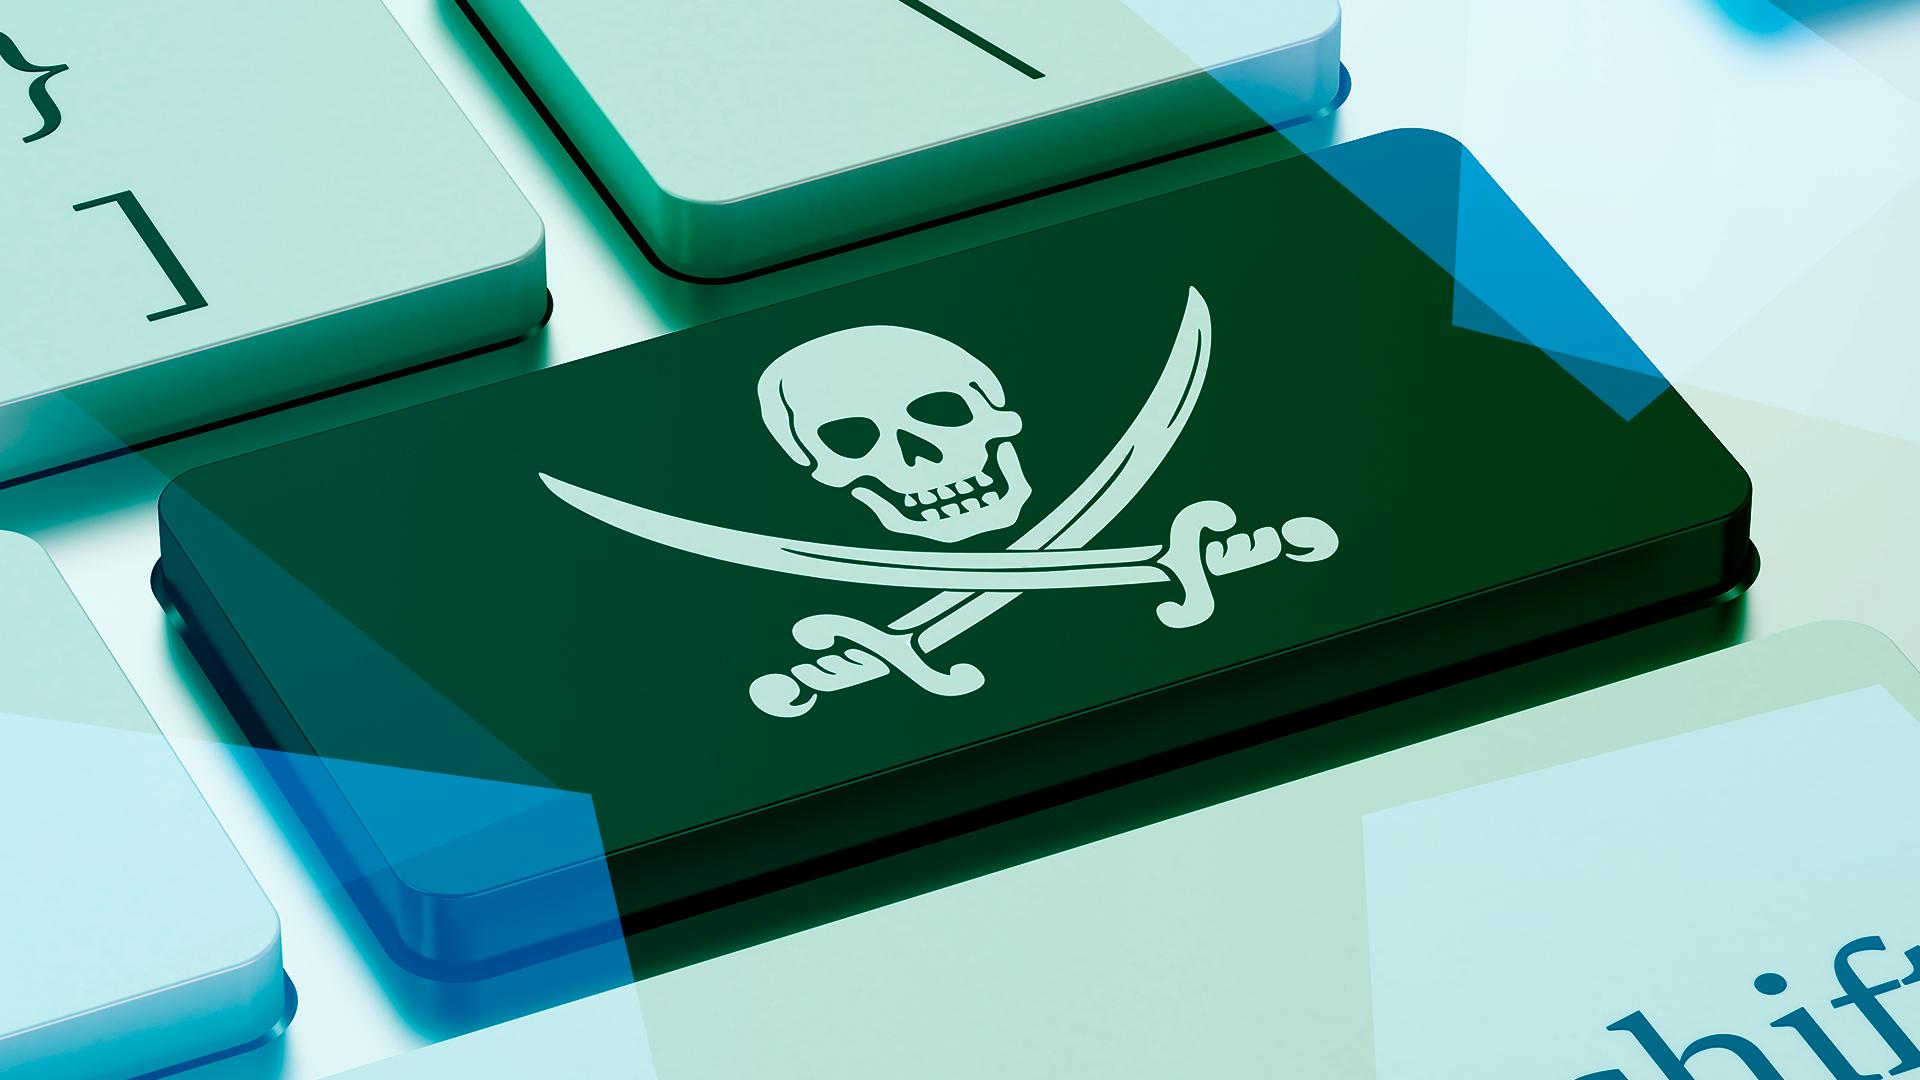 Filesharing, Piraterie, Tastatur, Filesharer, Piracy, Softwarepiraterie, Totenkopf, Taste